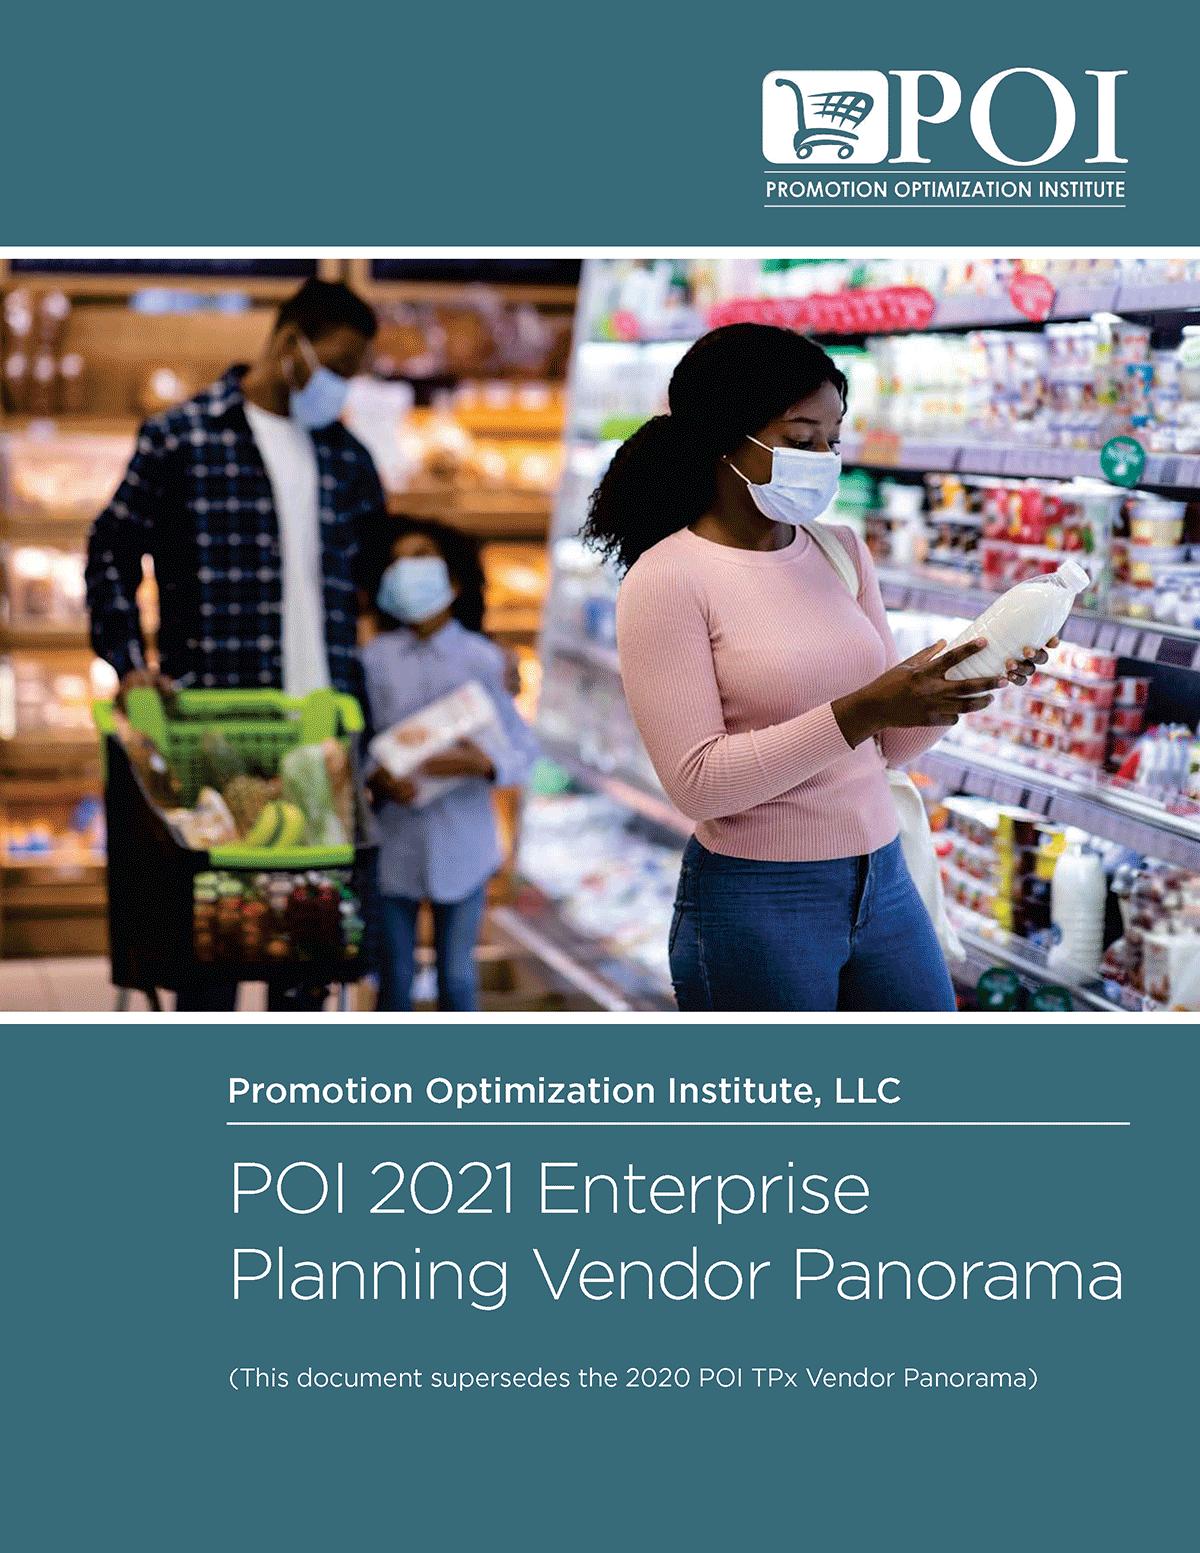 2021-POI-Enterprise-Planning-Vendor-Panorama-Antuit-Cover